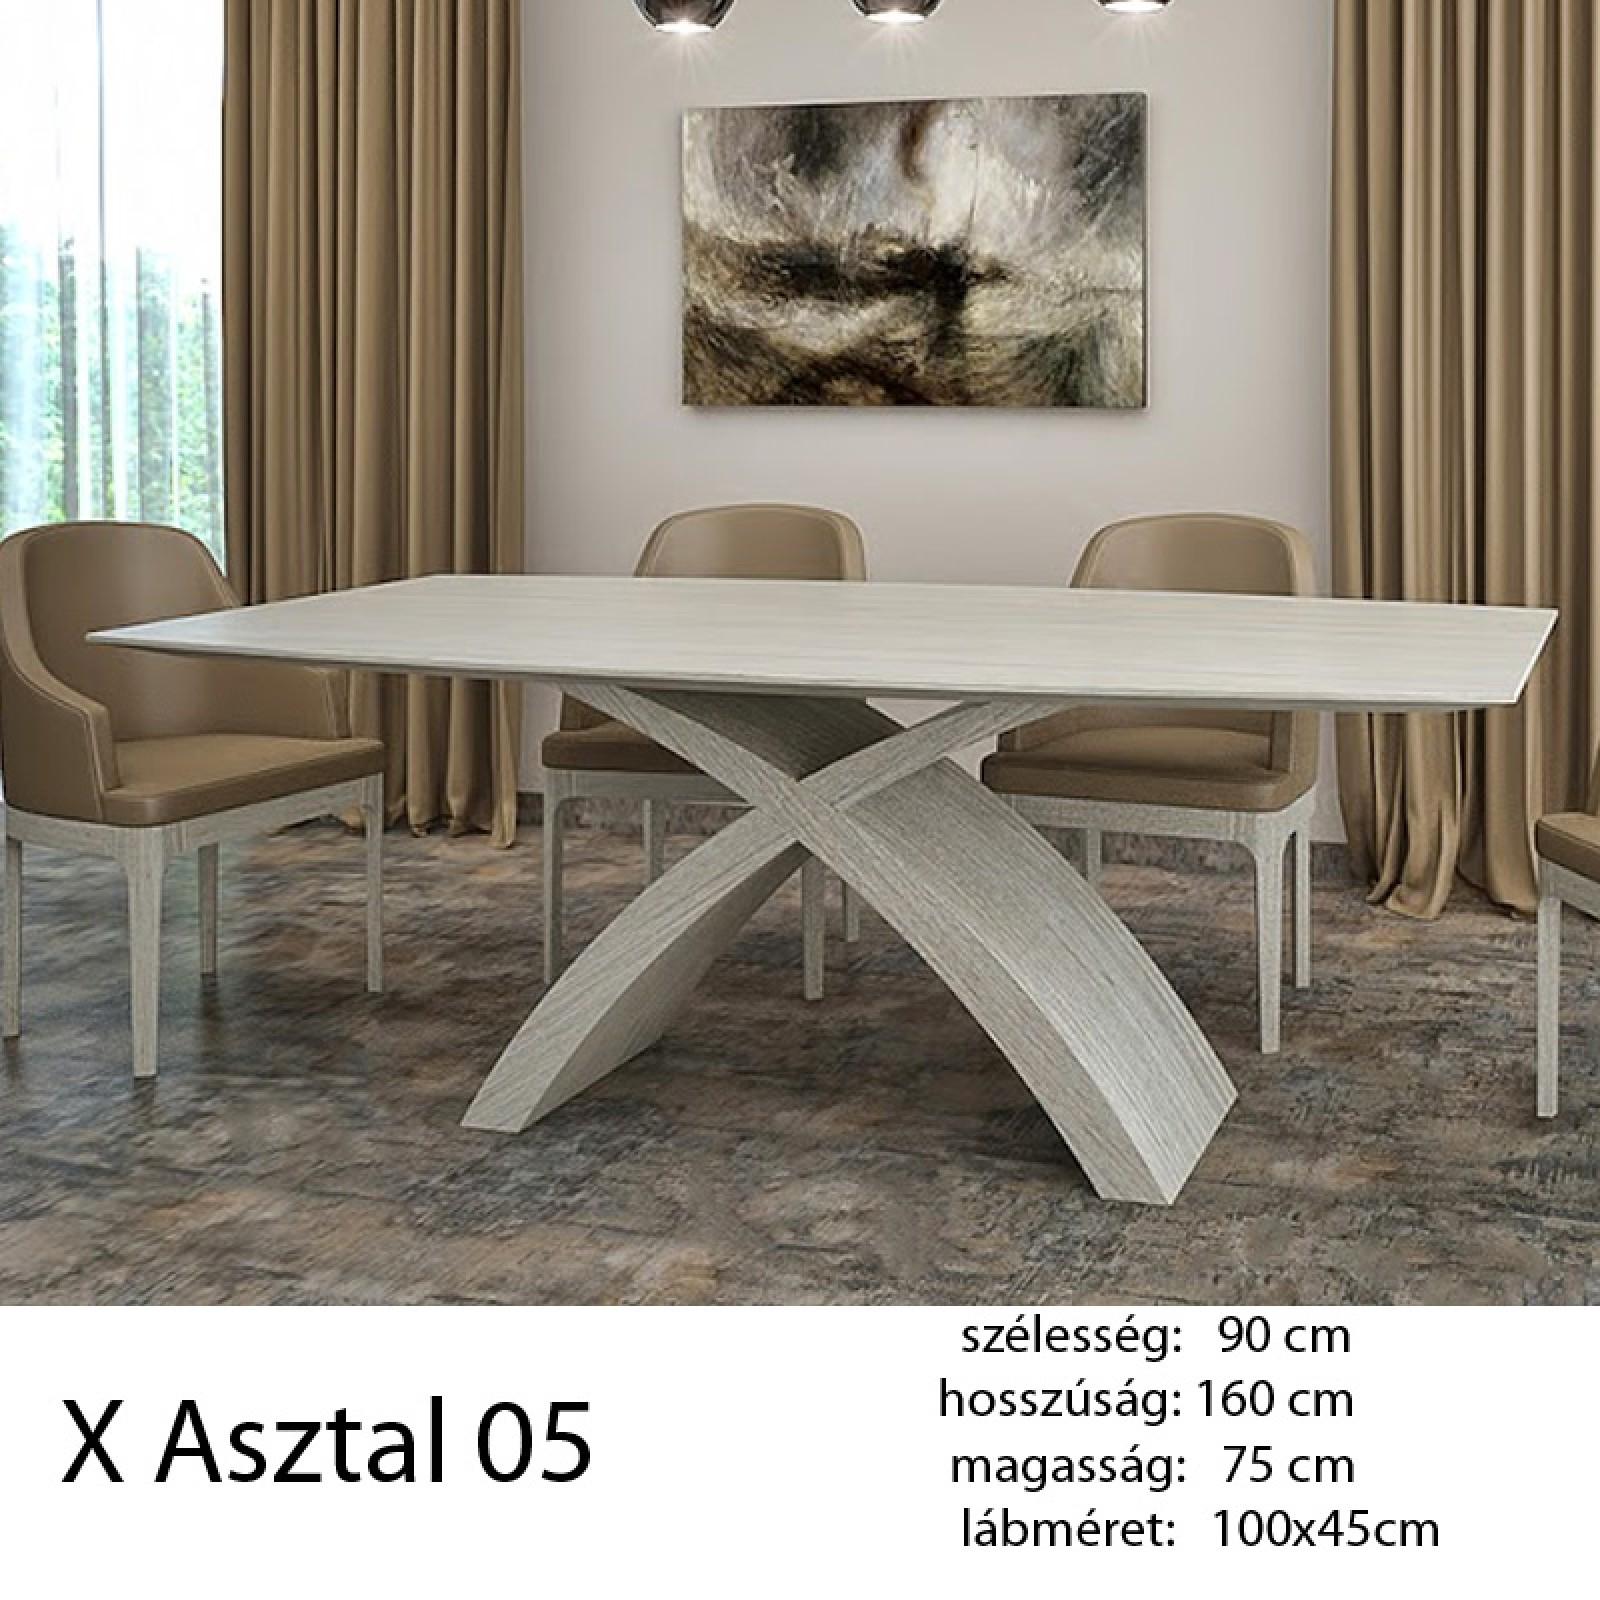 703 X 05 Étkezőasztal Fehér tölgy Alpi 10.82 - 11 HAZAI TERMÉK ...